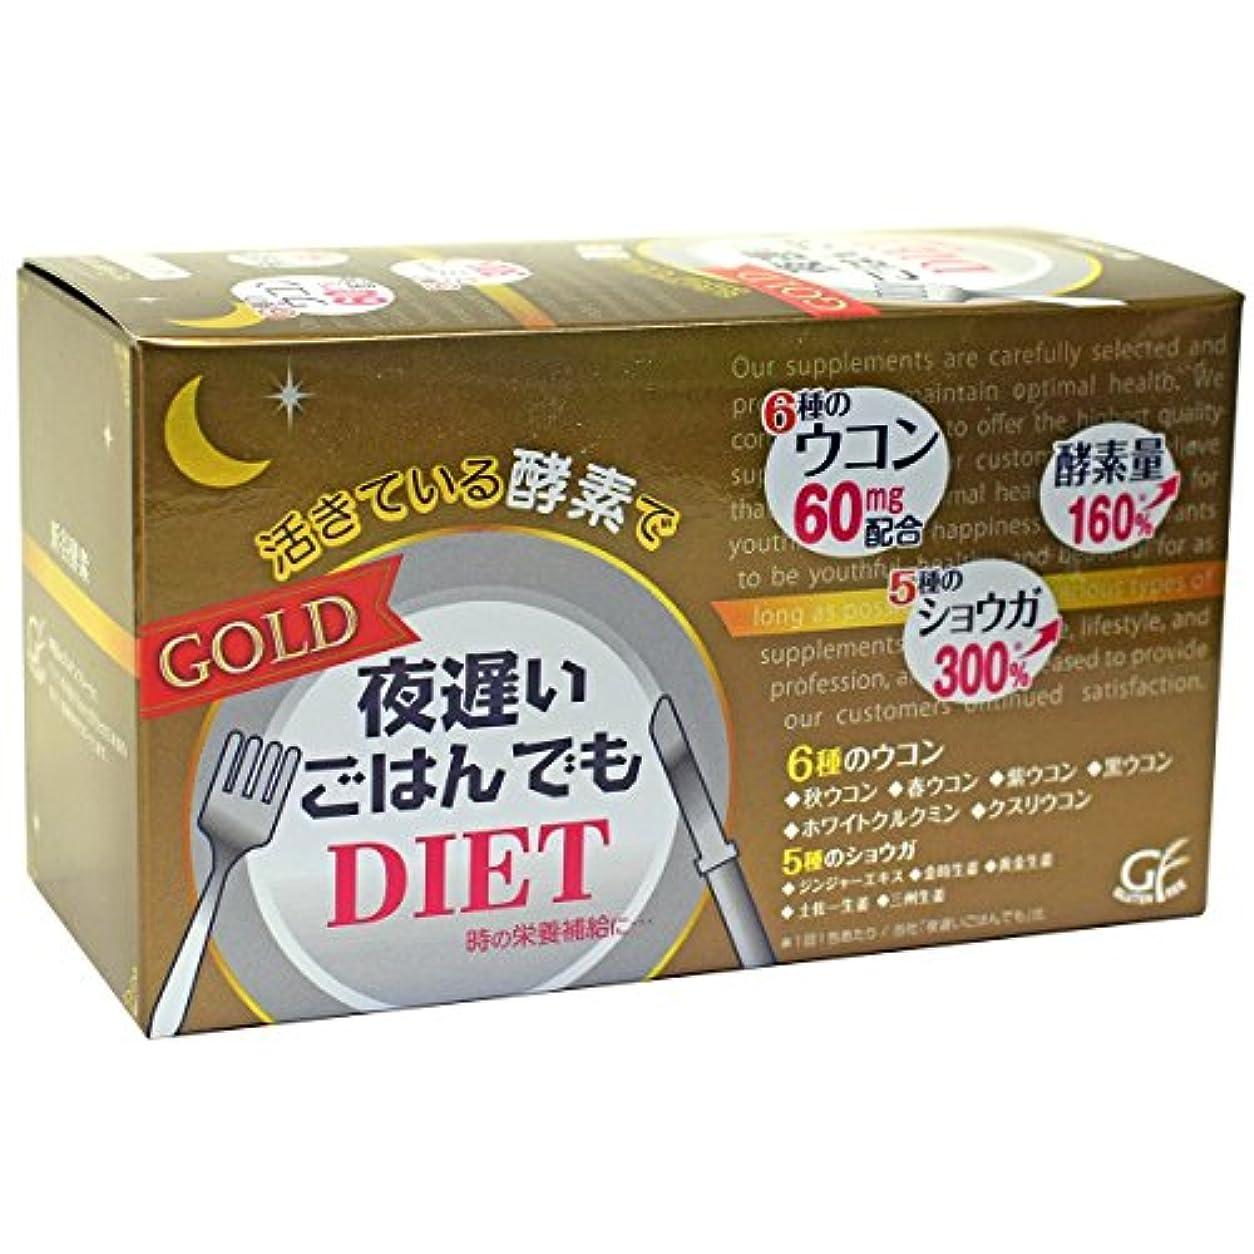 新谷酵素 夜遅いごはんでも GOLD 30包入